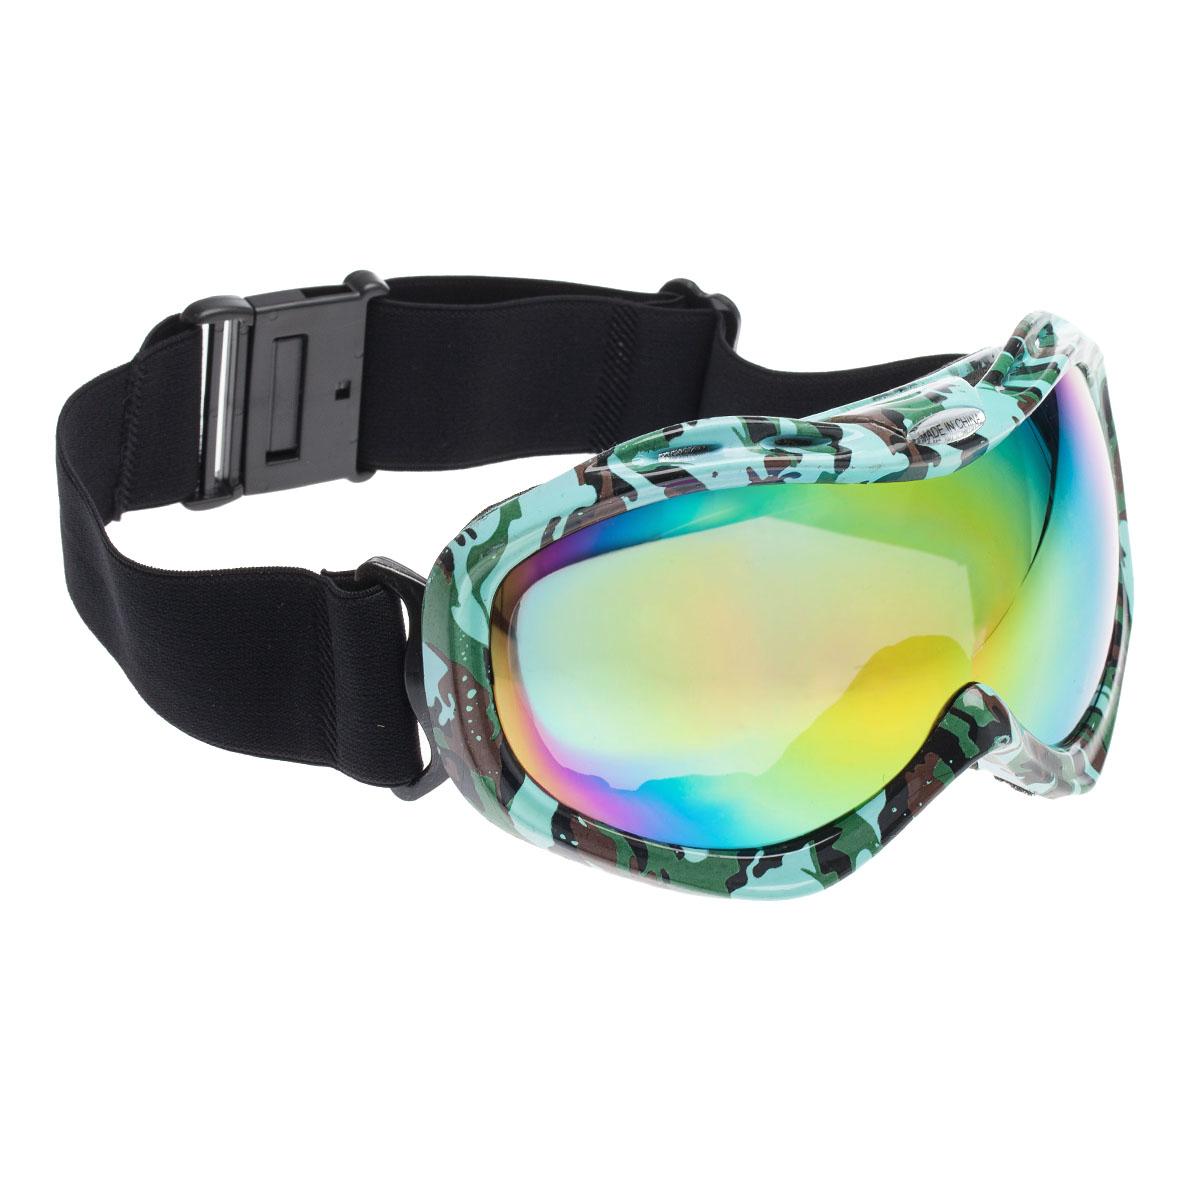 Горнолыжные очки Exparc, 15653-2 горнолыжные очки recon zeal z3 sppx белые